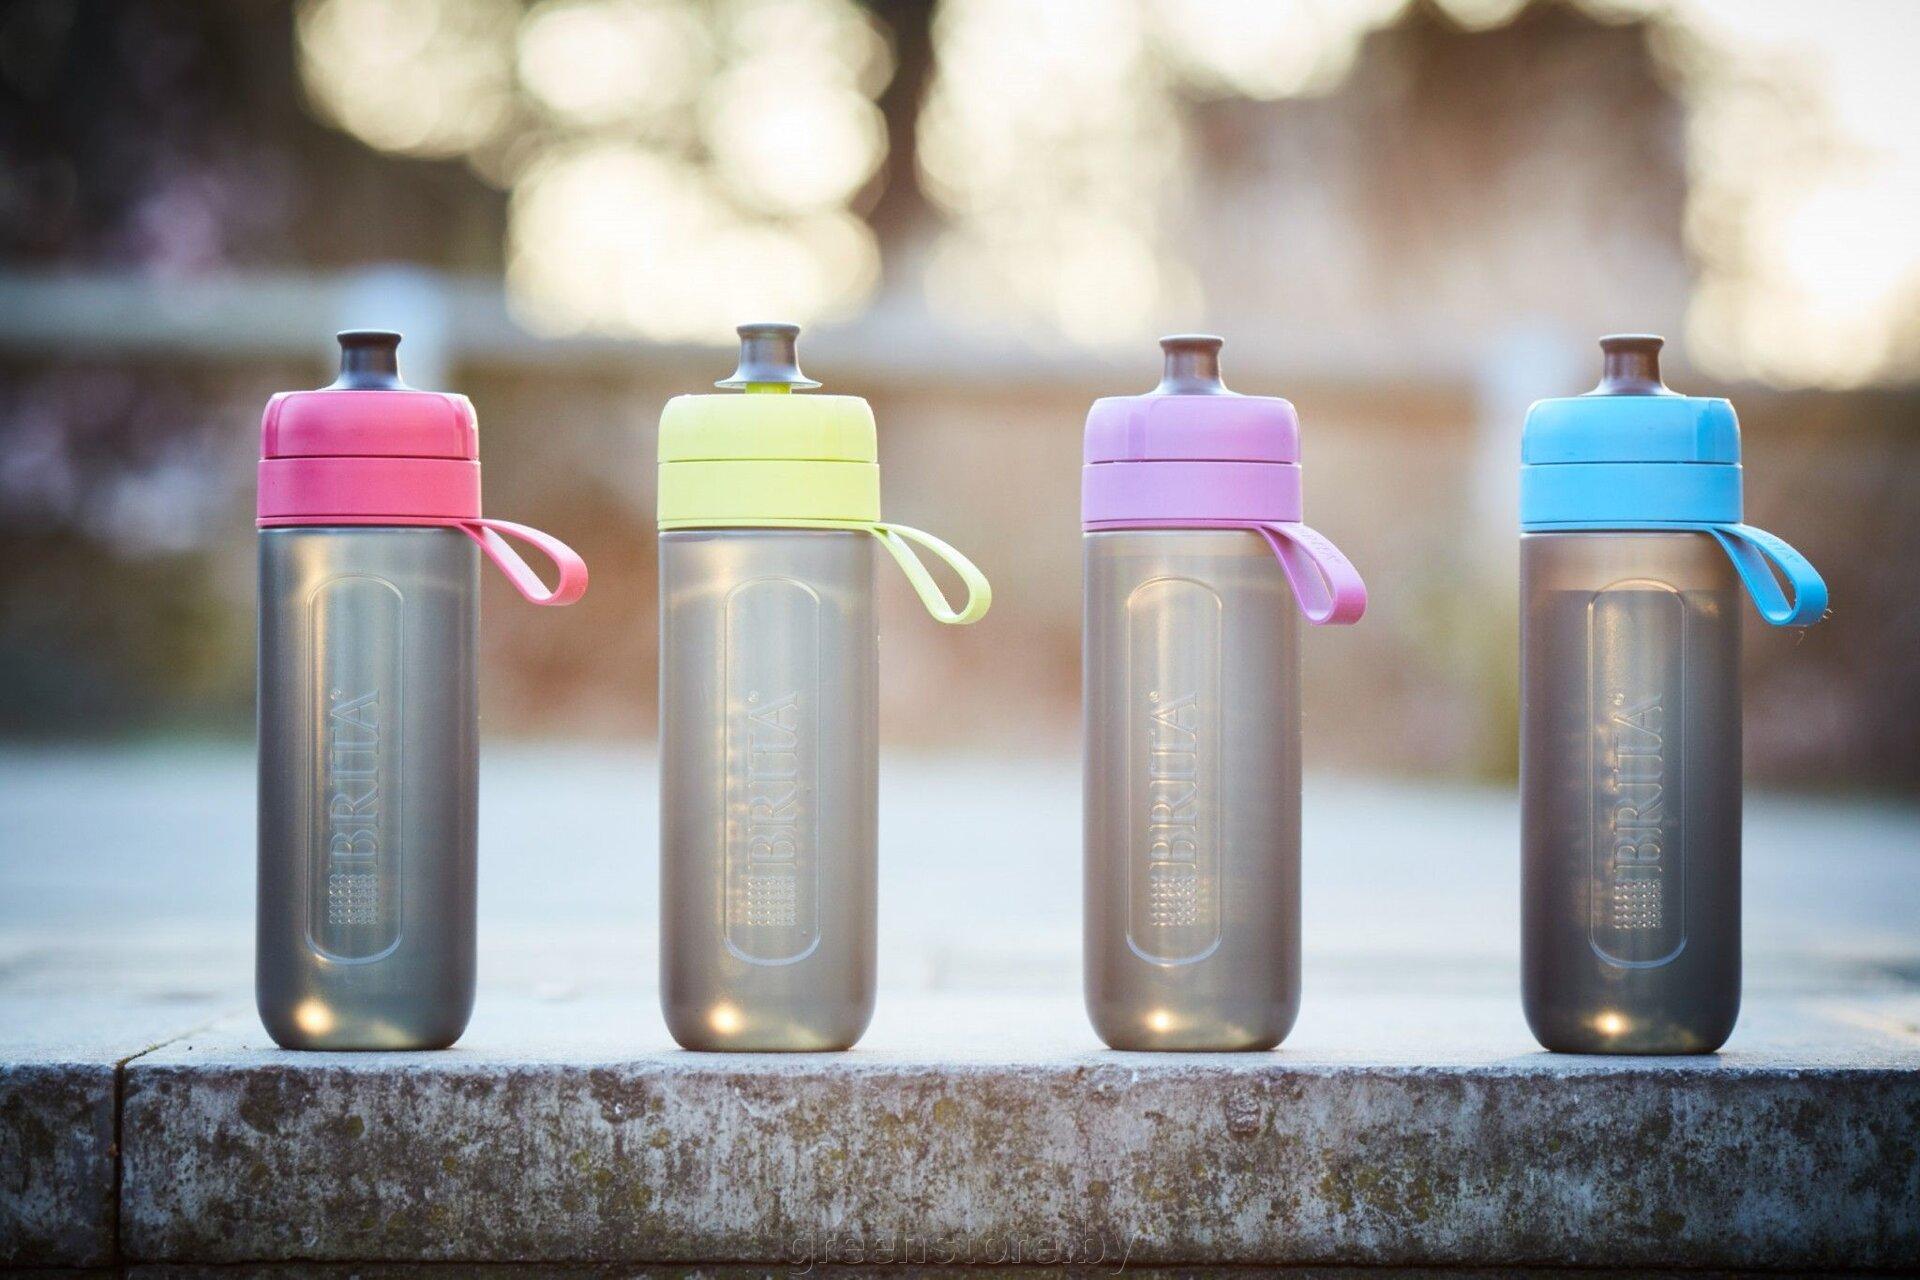 Фильтр-бутылка для воды (фиолетовый) Fill&Go Active - фото pic_866ed42de35d17d449389aa3f7aaf892_1920x9000_1.jpg